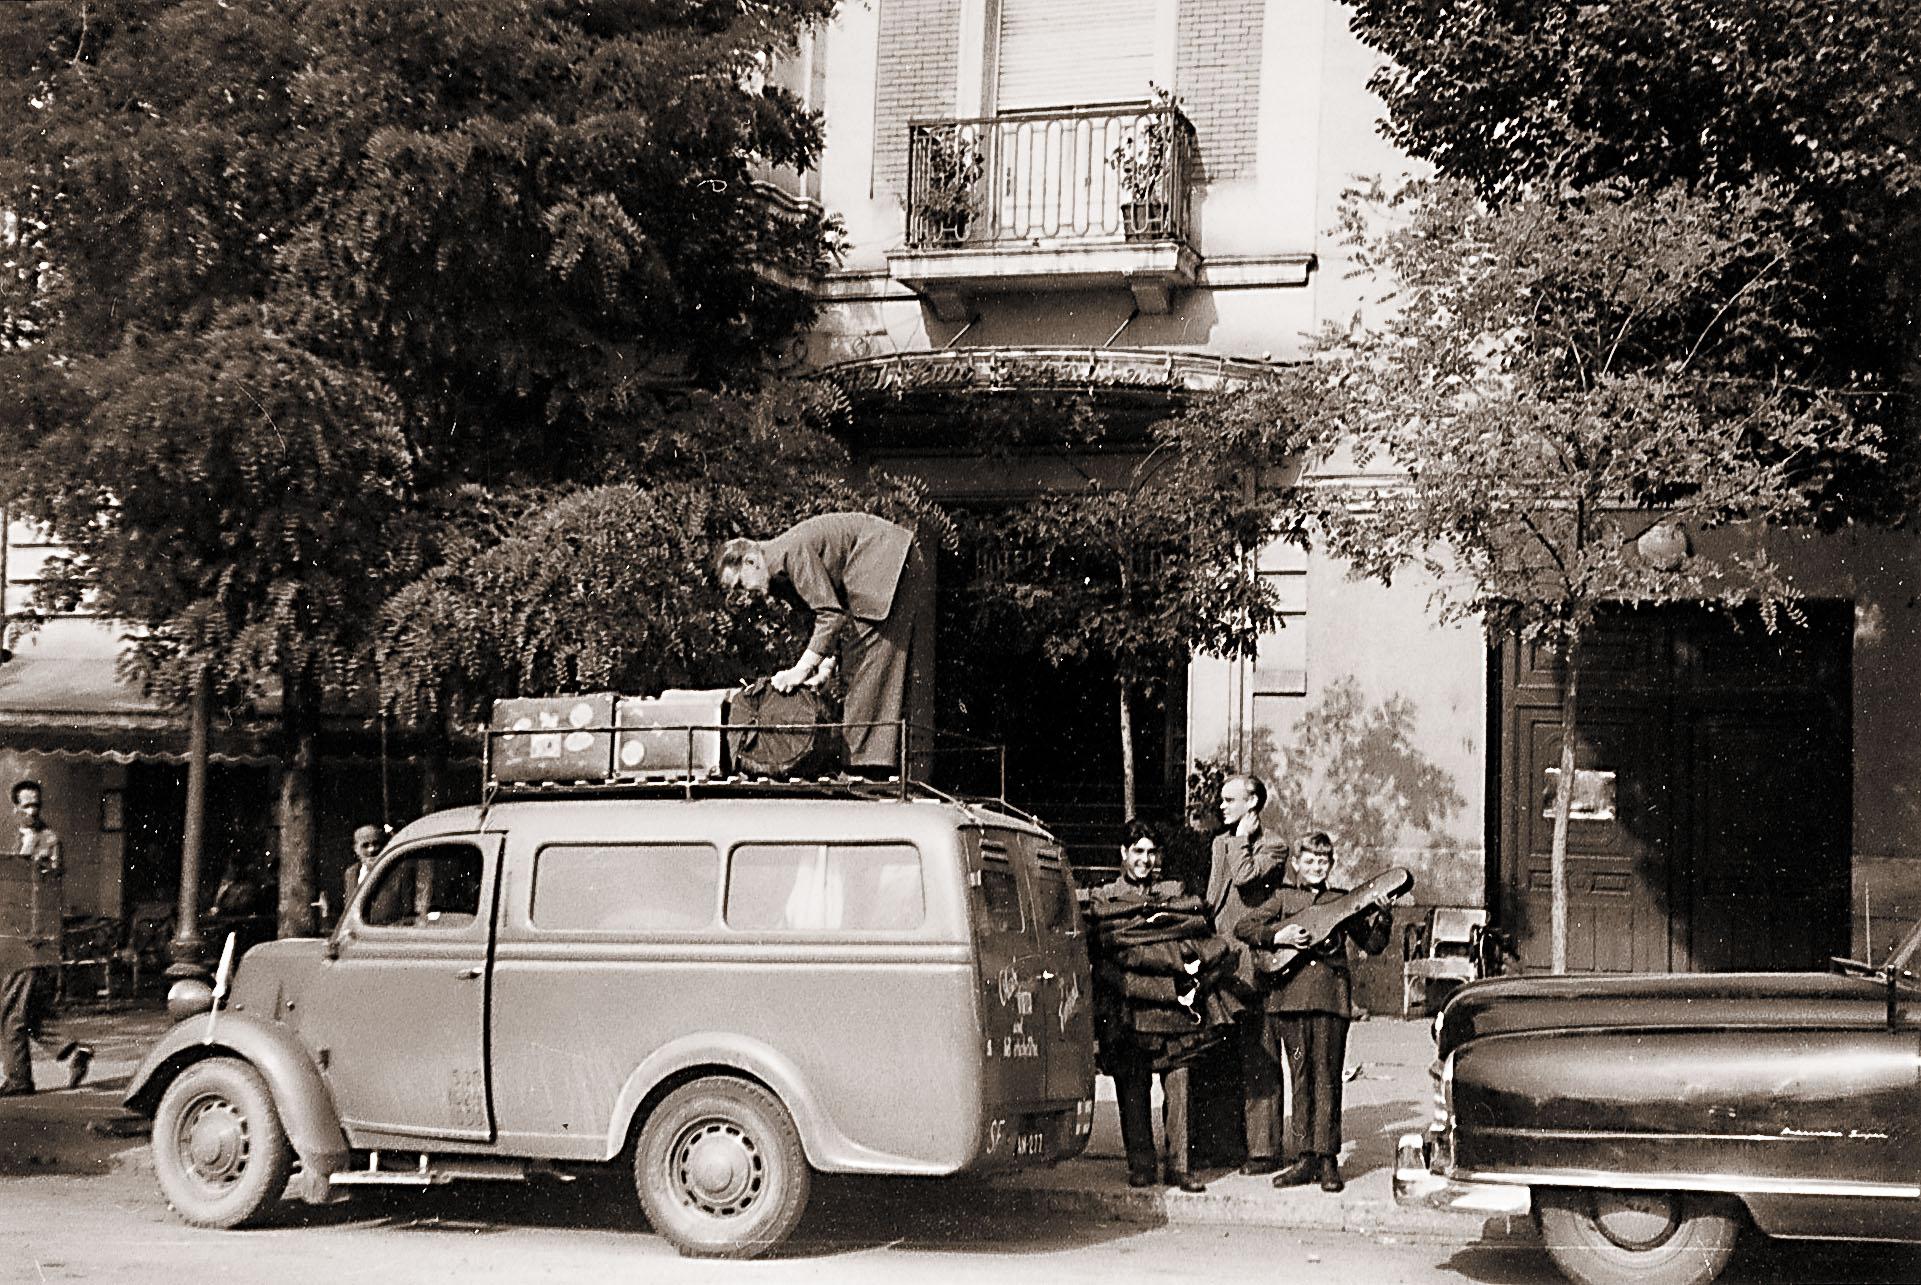 Vastaansanomaton aihetodiste siitä, että -52 Ford Customline oli Olavi Virran ensimmäinen auto: Vuonna -51 Olavi Virran orkesteri teki pitkän Euroopan-turneen aina Madridiin asti hanuristi Toivo Wahlstenin Fordsonilla. Mikäli mitään muuta ajoneuvoa olisi ollut saatavilla, kuusi miestä ja soittimet olisivat lähteneet matkaan sillä.